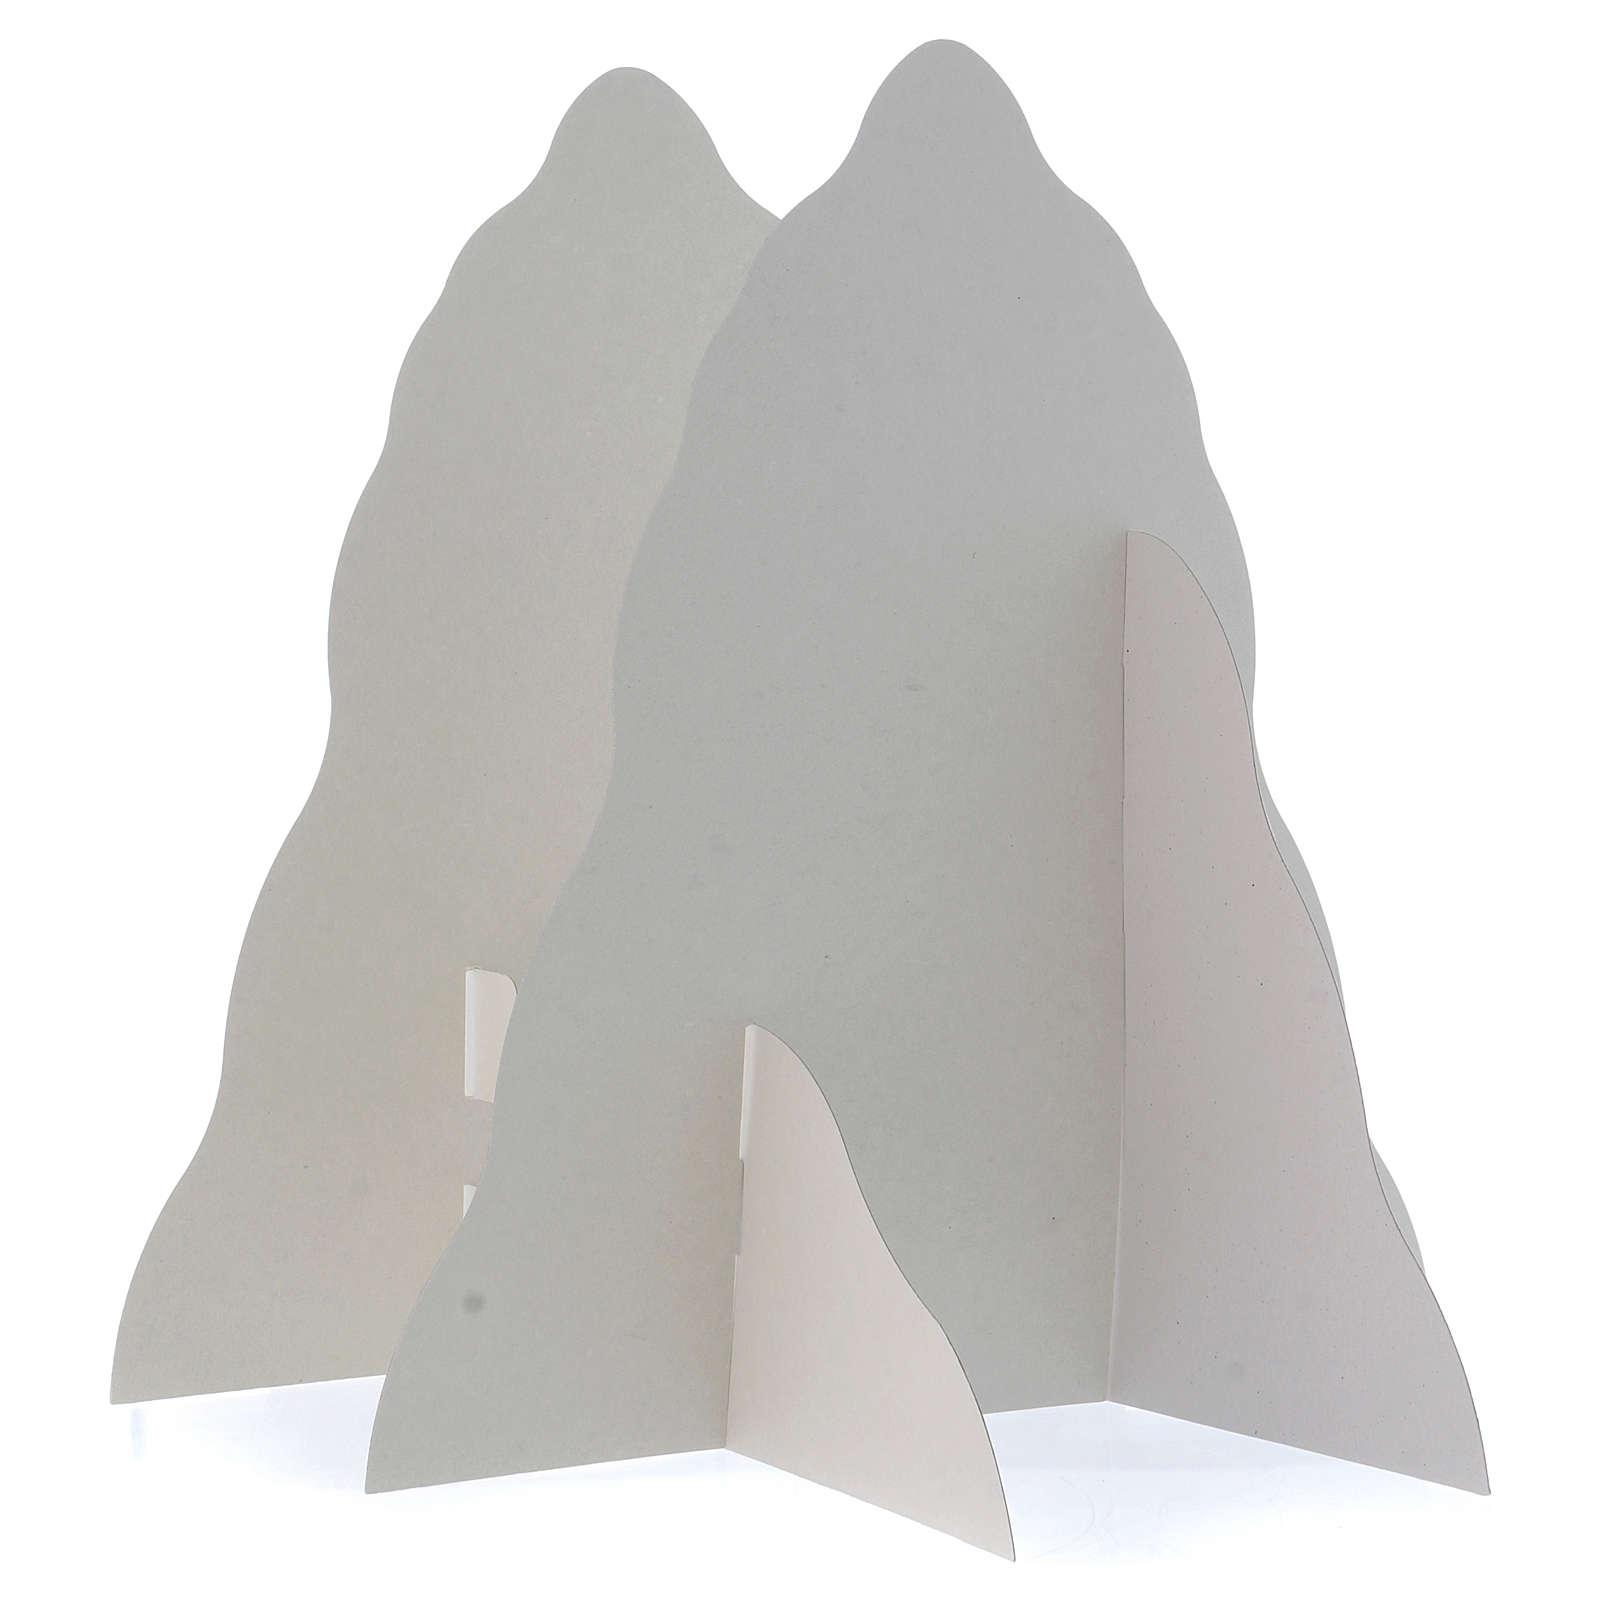 Set montagna in rilievo da montare 95x65 (foglio A1) h montagna 35 cm 4